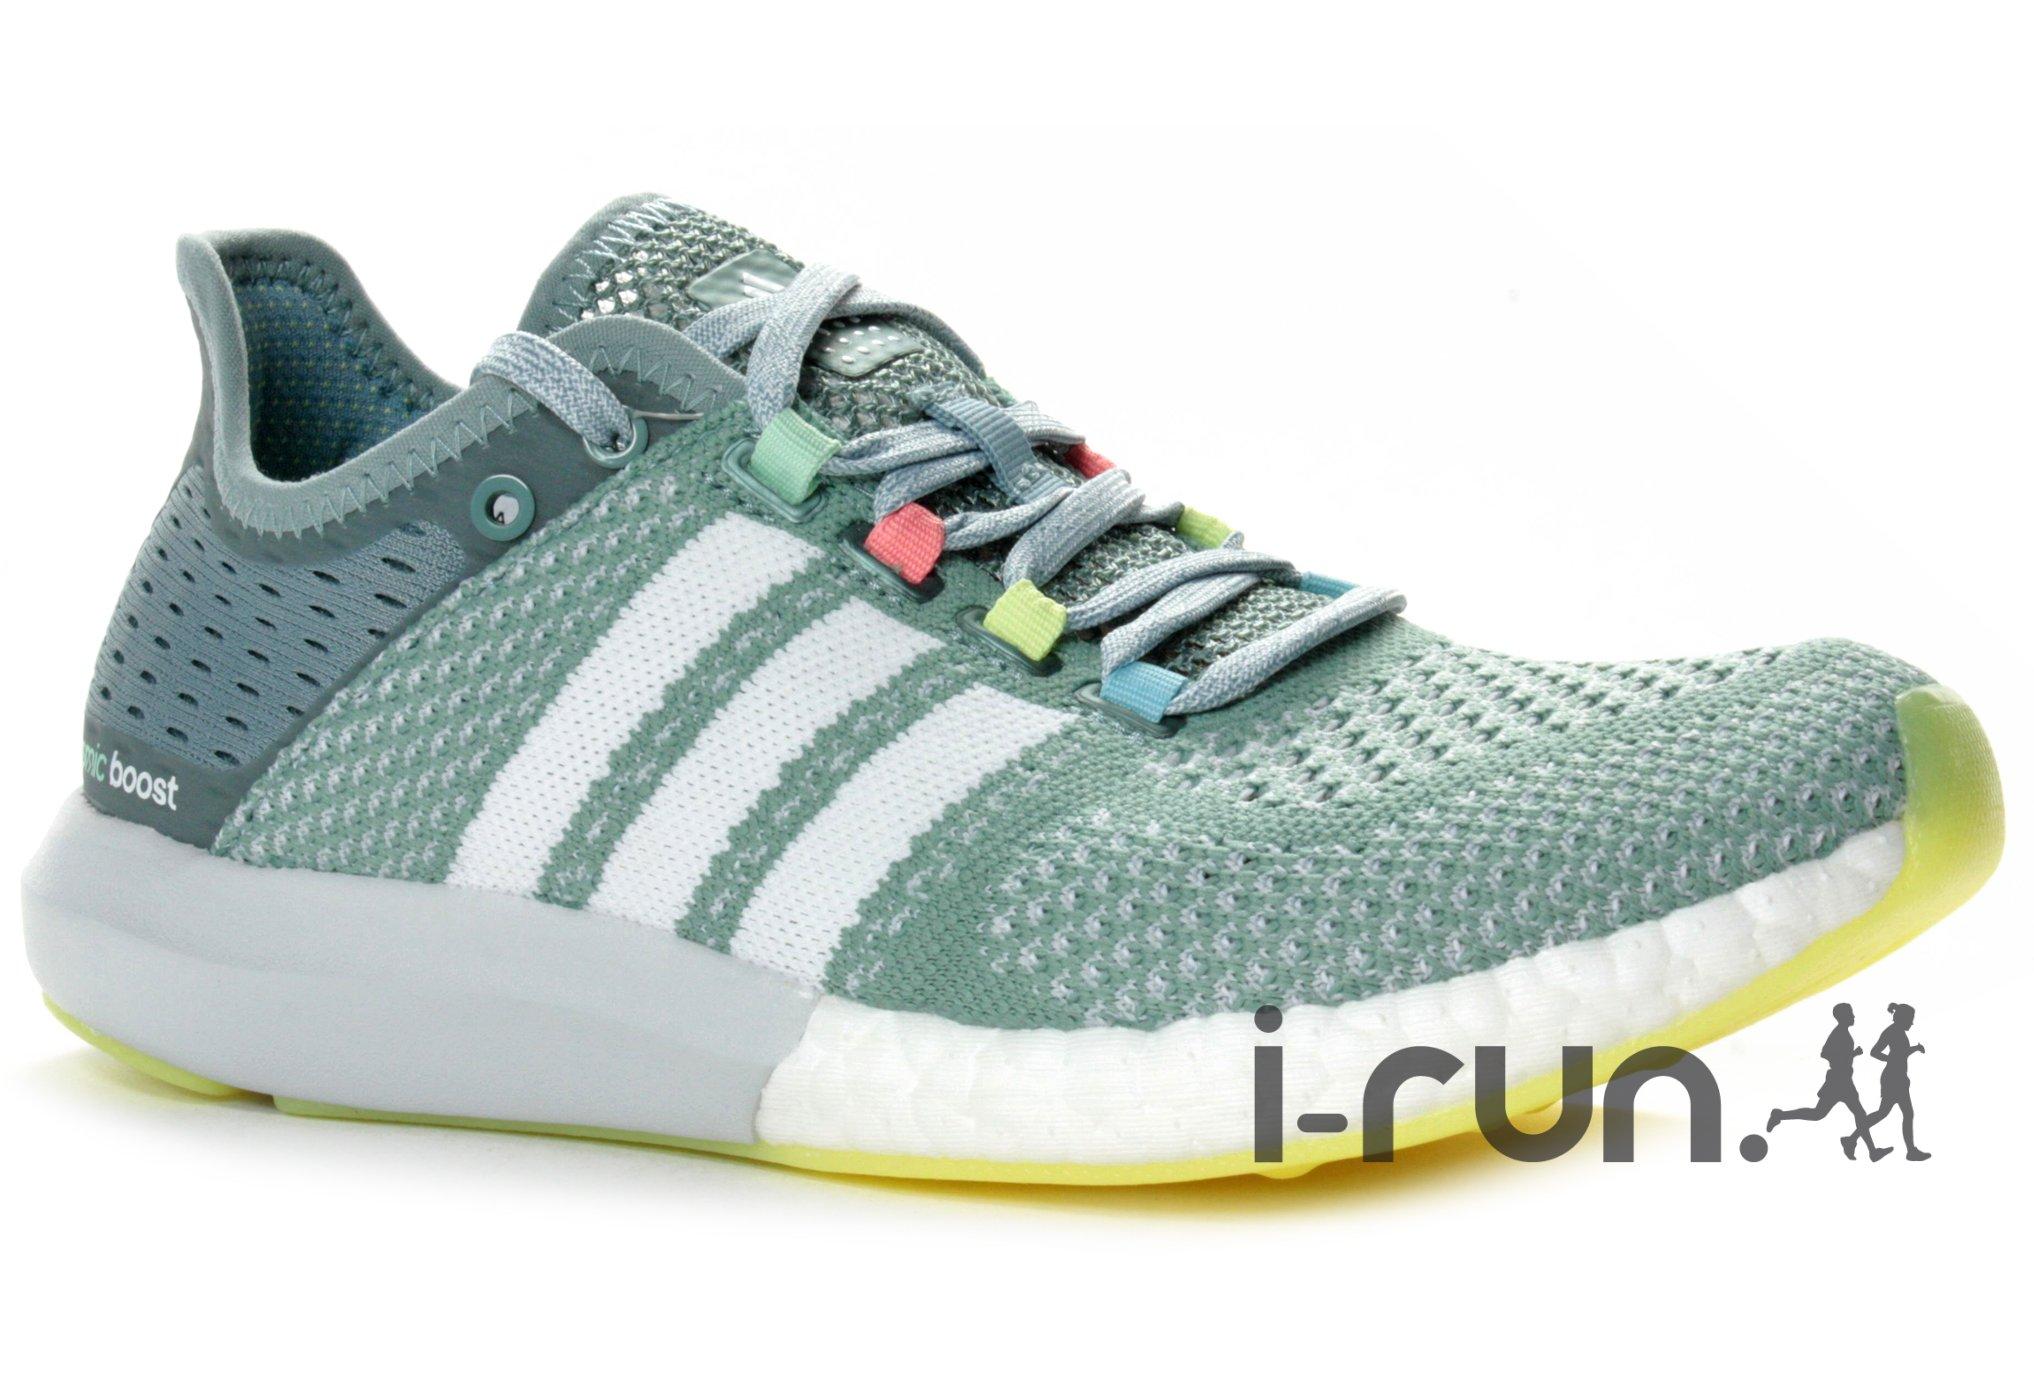 Adidas Climachill cosmic boost w diététique chaussures femme